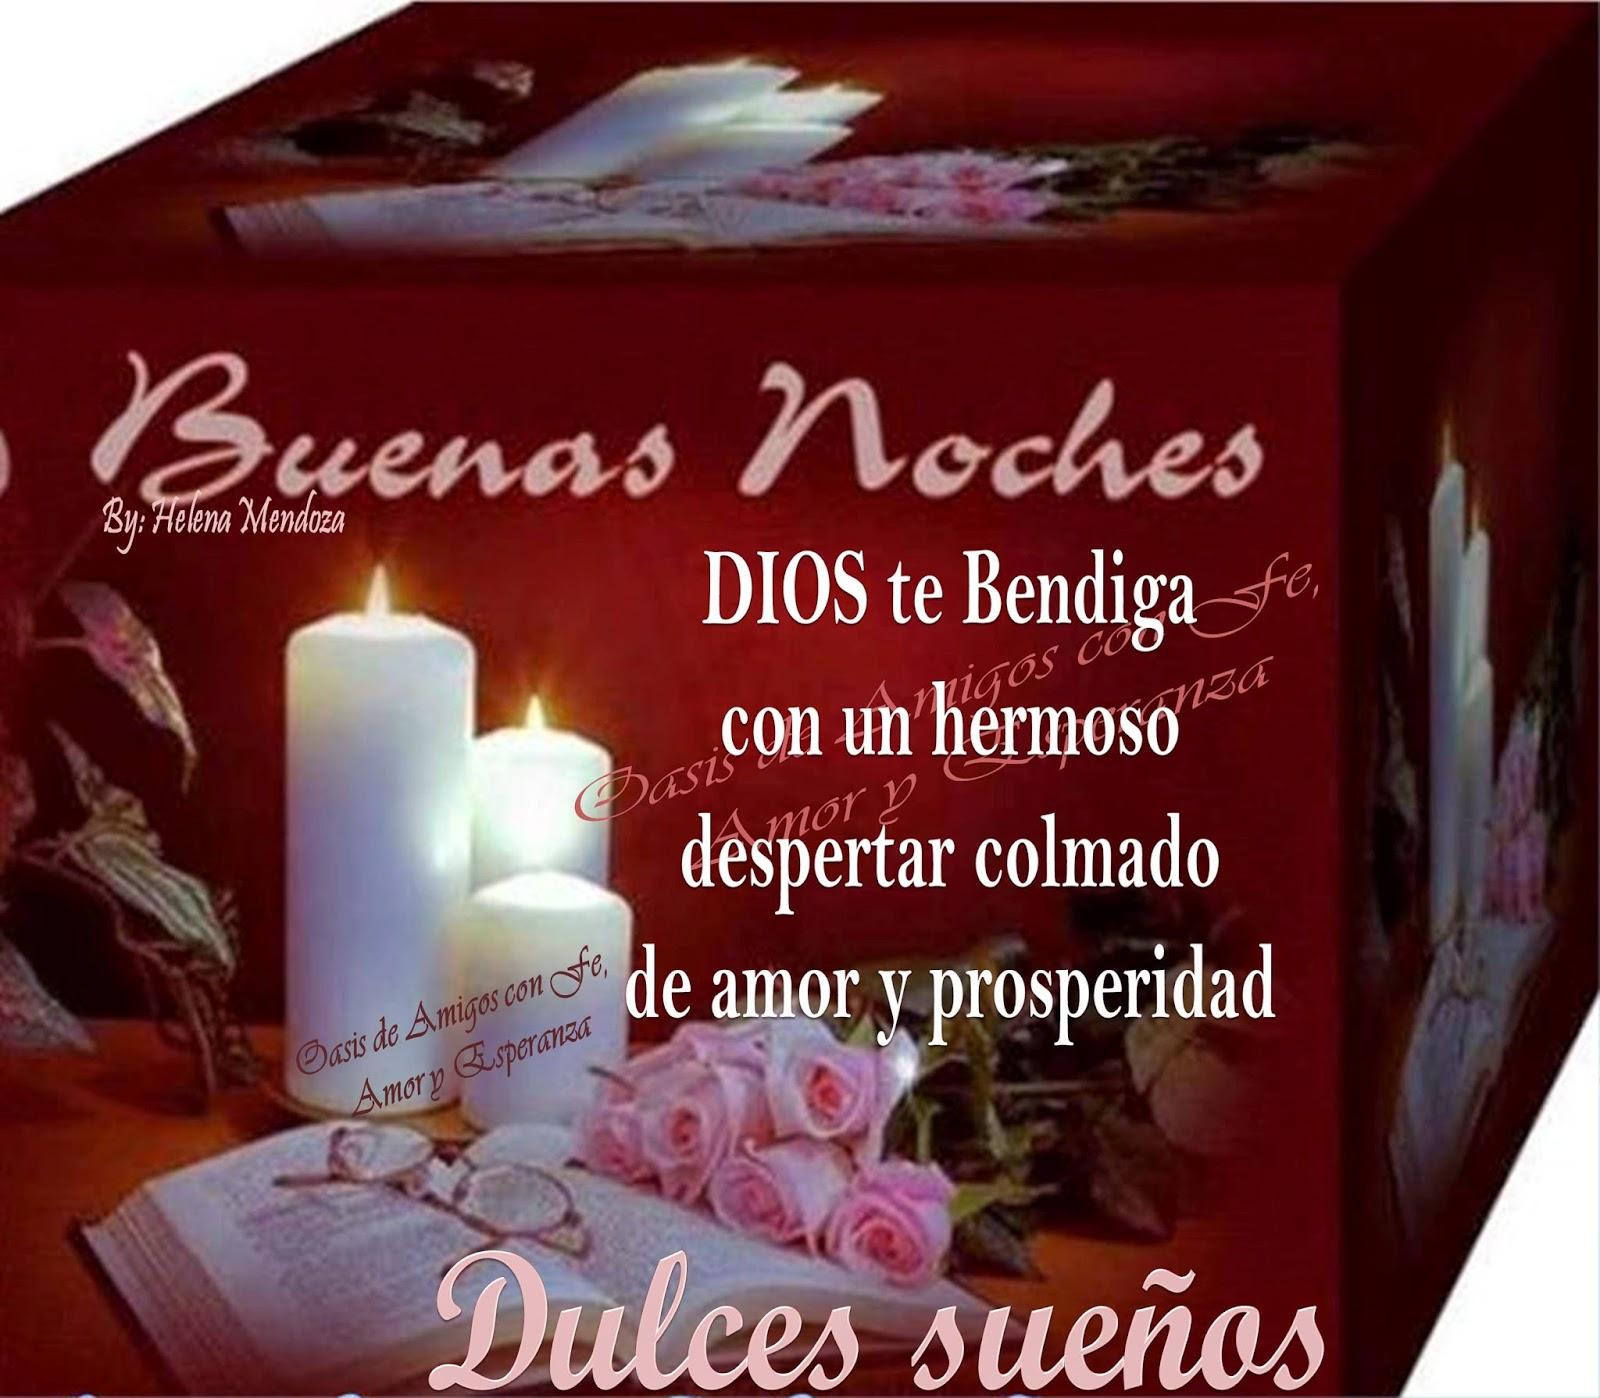 Fe De Amor Oasis Amigos Esperanza Con Y